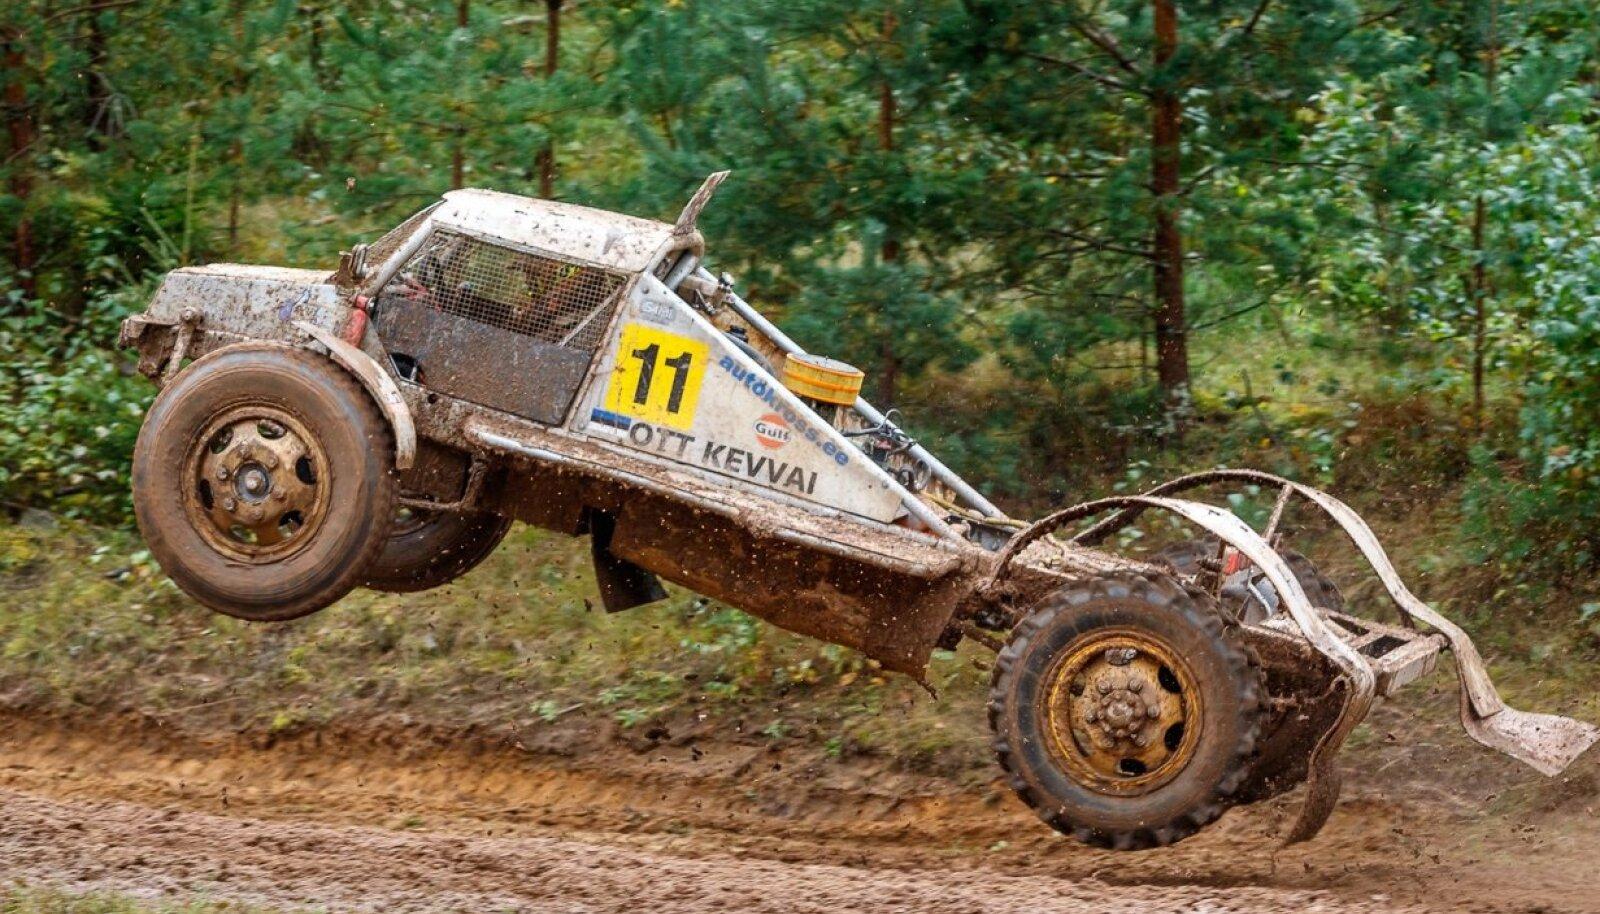 Superbagidele on Misso võistlus Eesti ja Balti sarja avavõistluseks